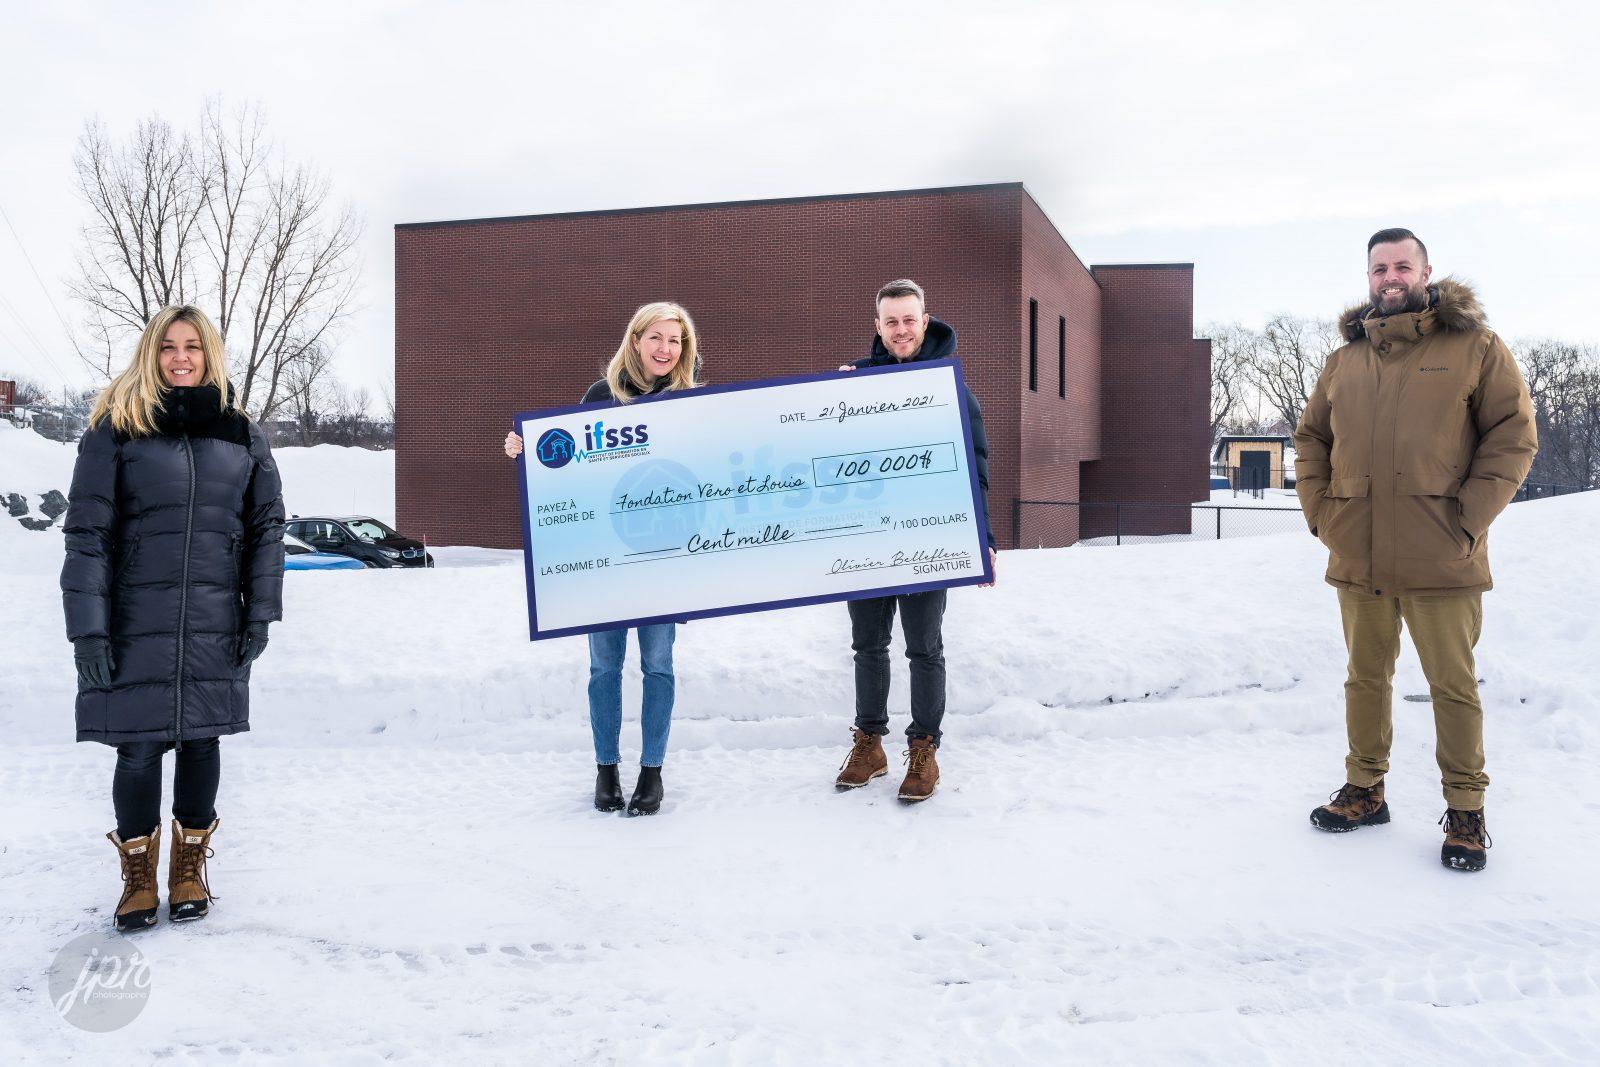 Un don de 100000 $ pour la Fondation Véro & Louis et une ouverture en 2021